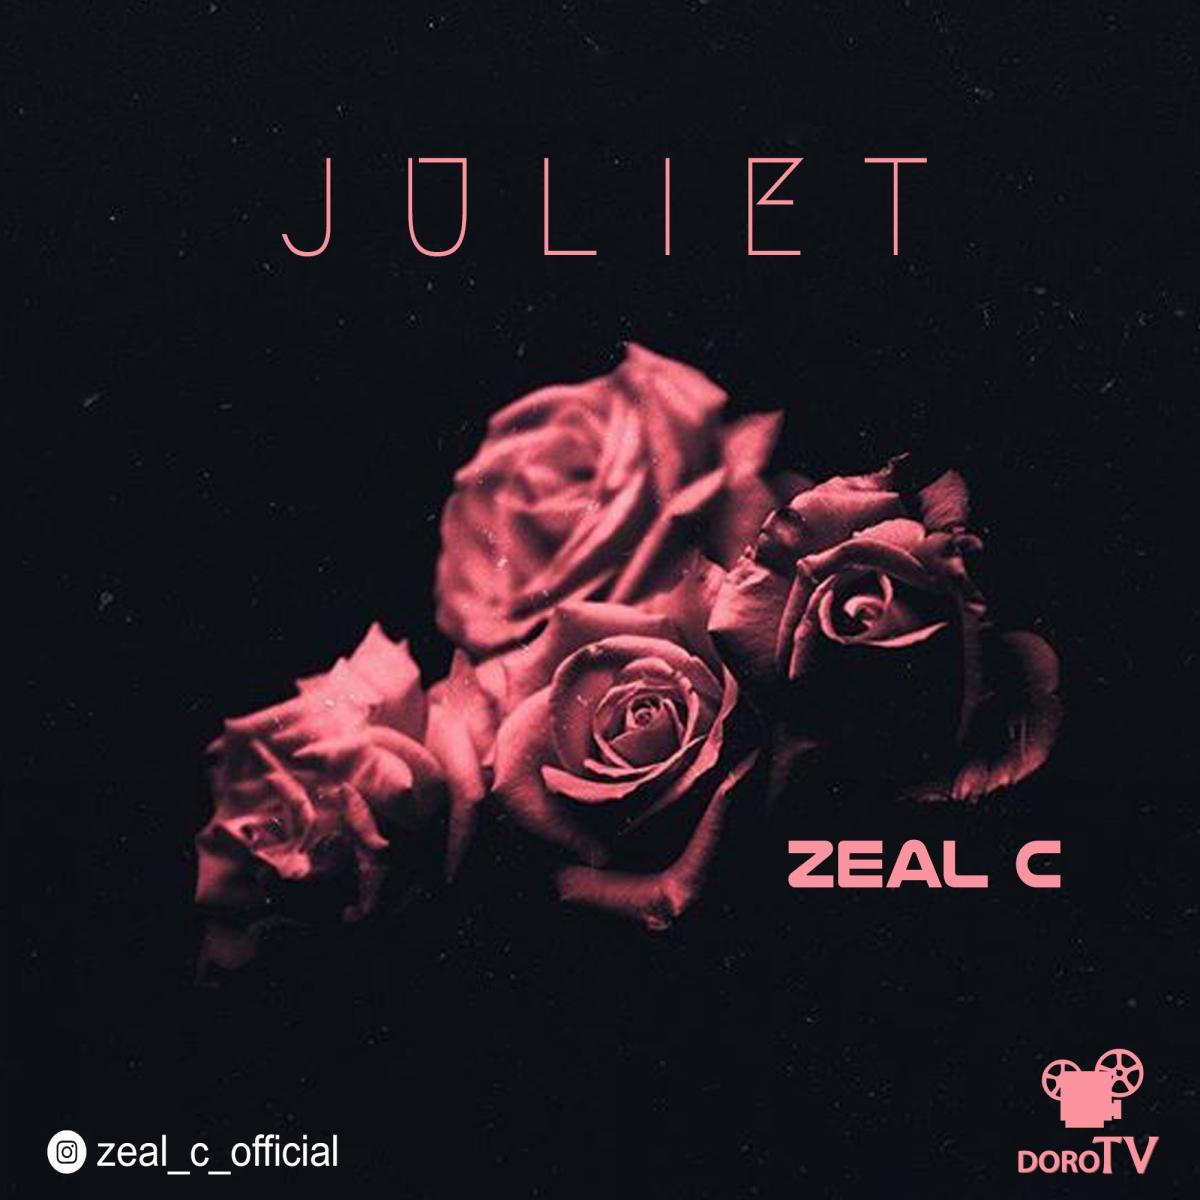 Zeal C - Juliet